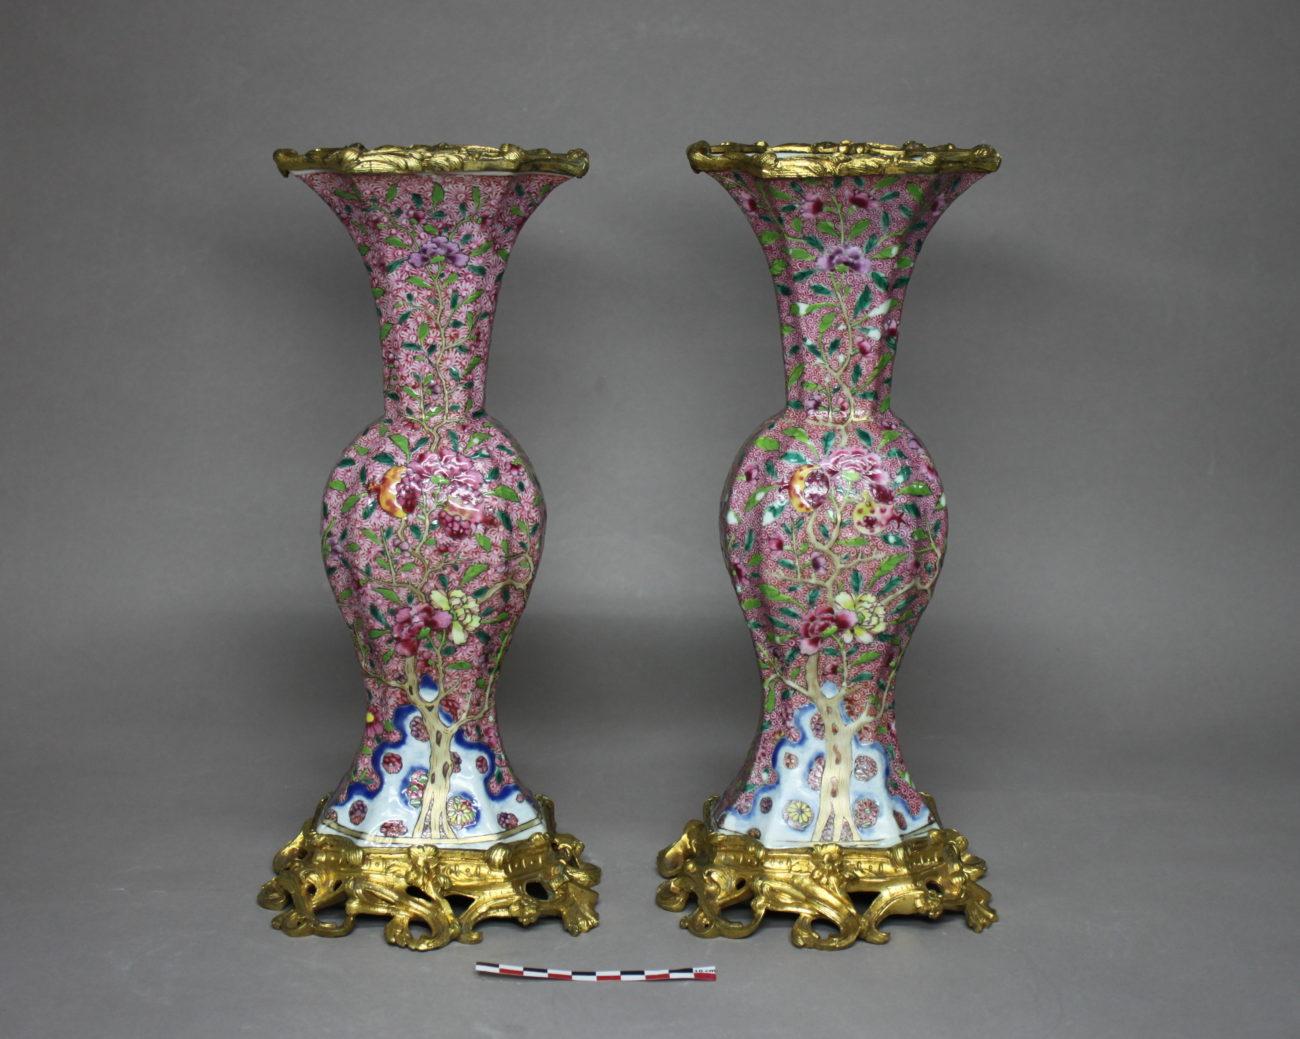 Restauration d'une paire de vases en porcelaine chinoise